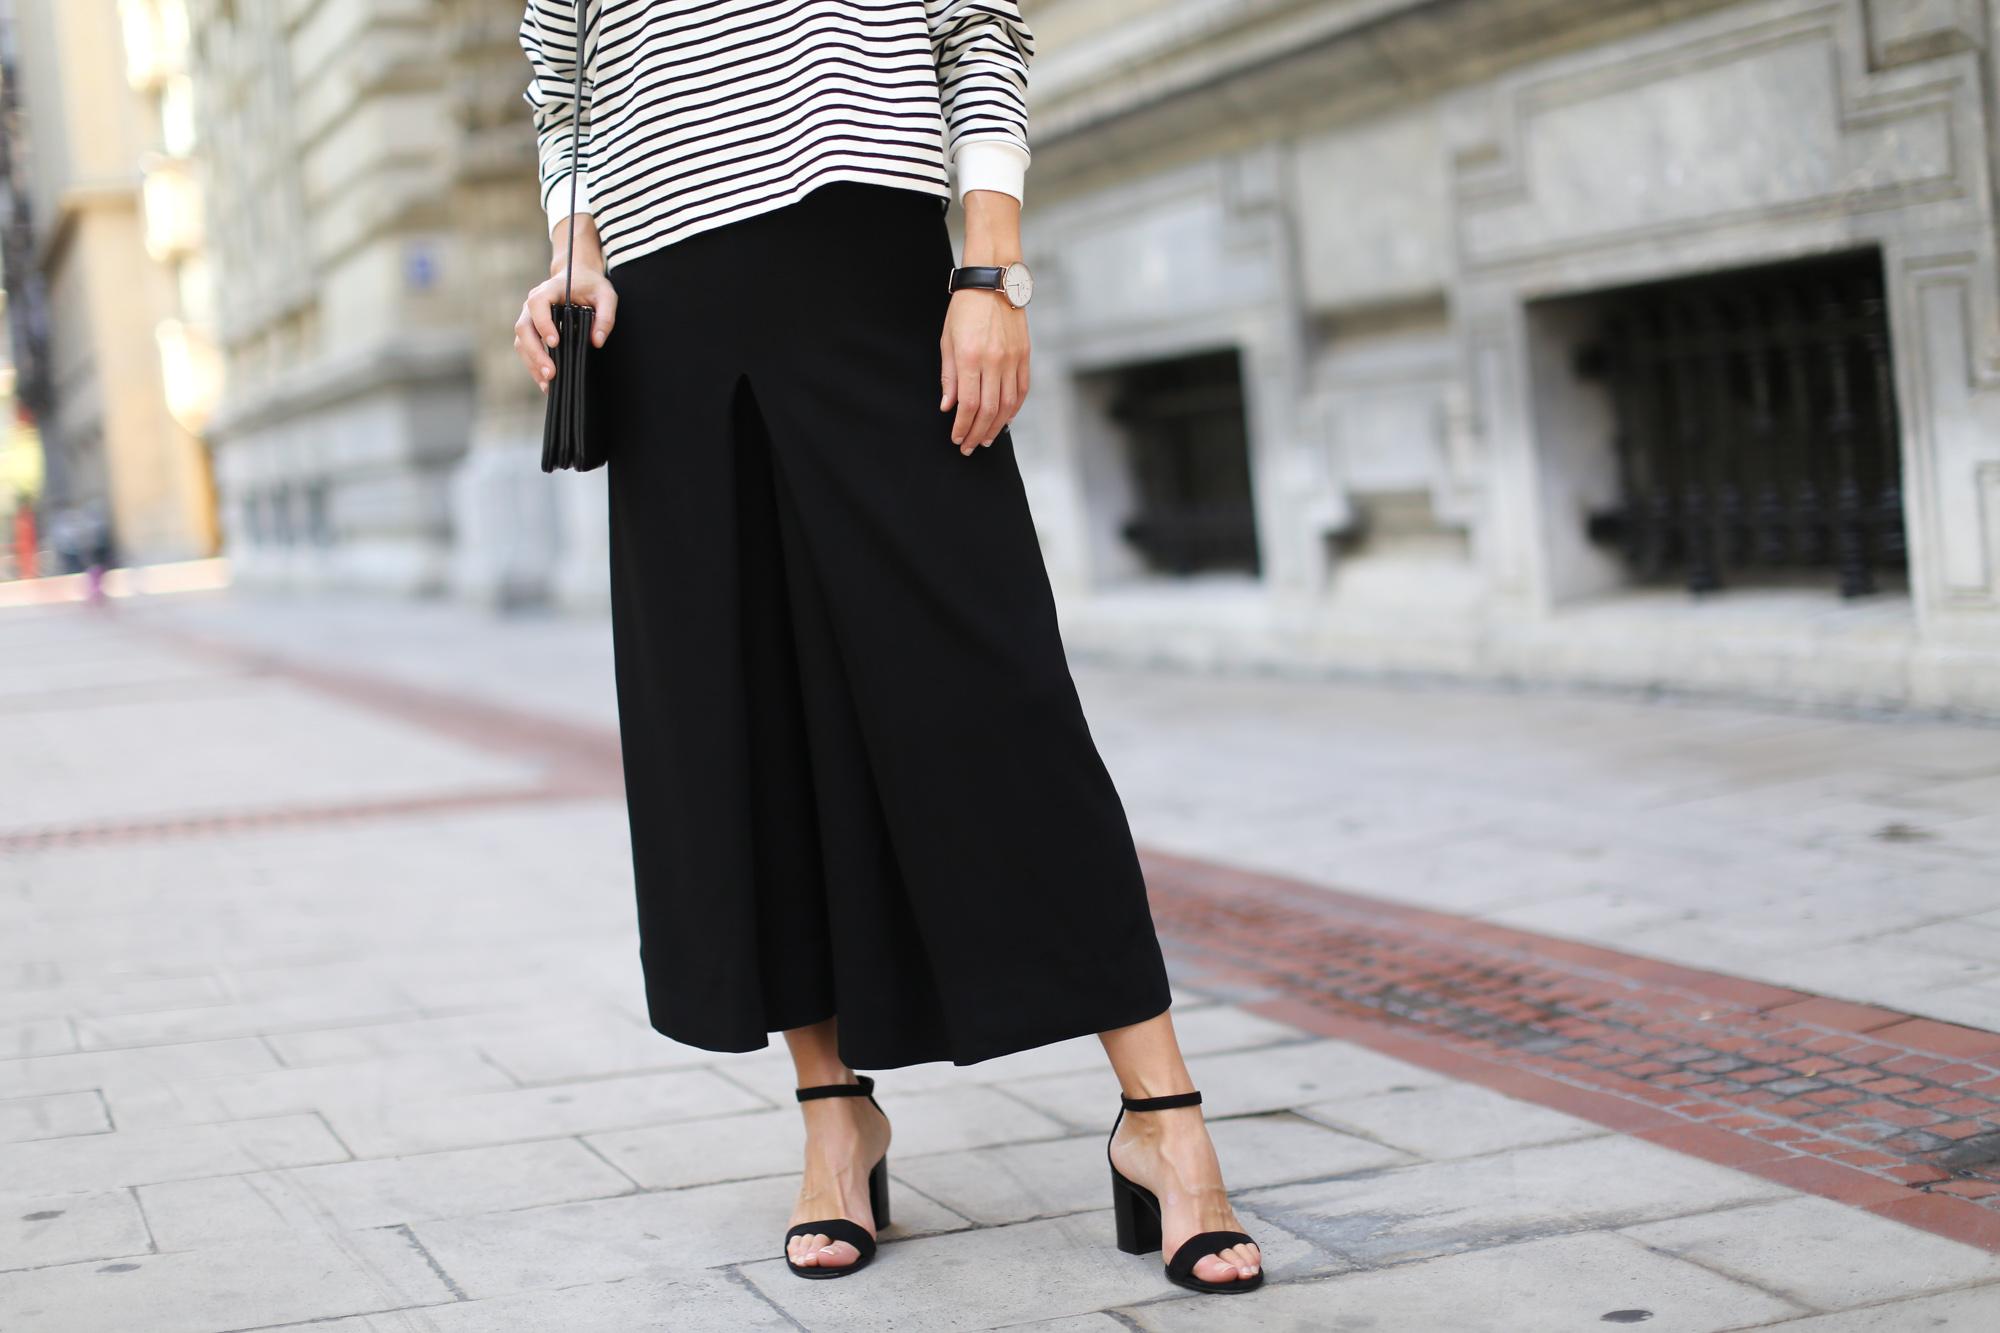 Clochet-streetstyle-culottes-zara-stripped-weater-celine-trio-bag-daniel-wellington-watch-7